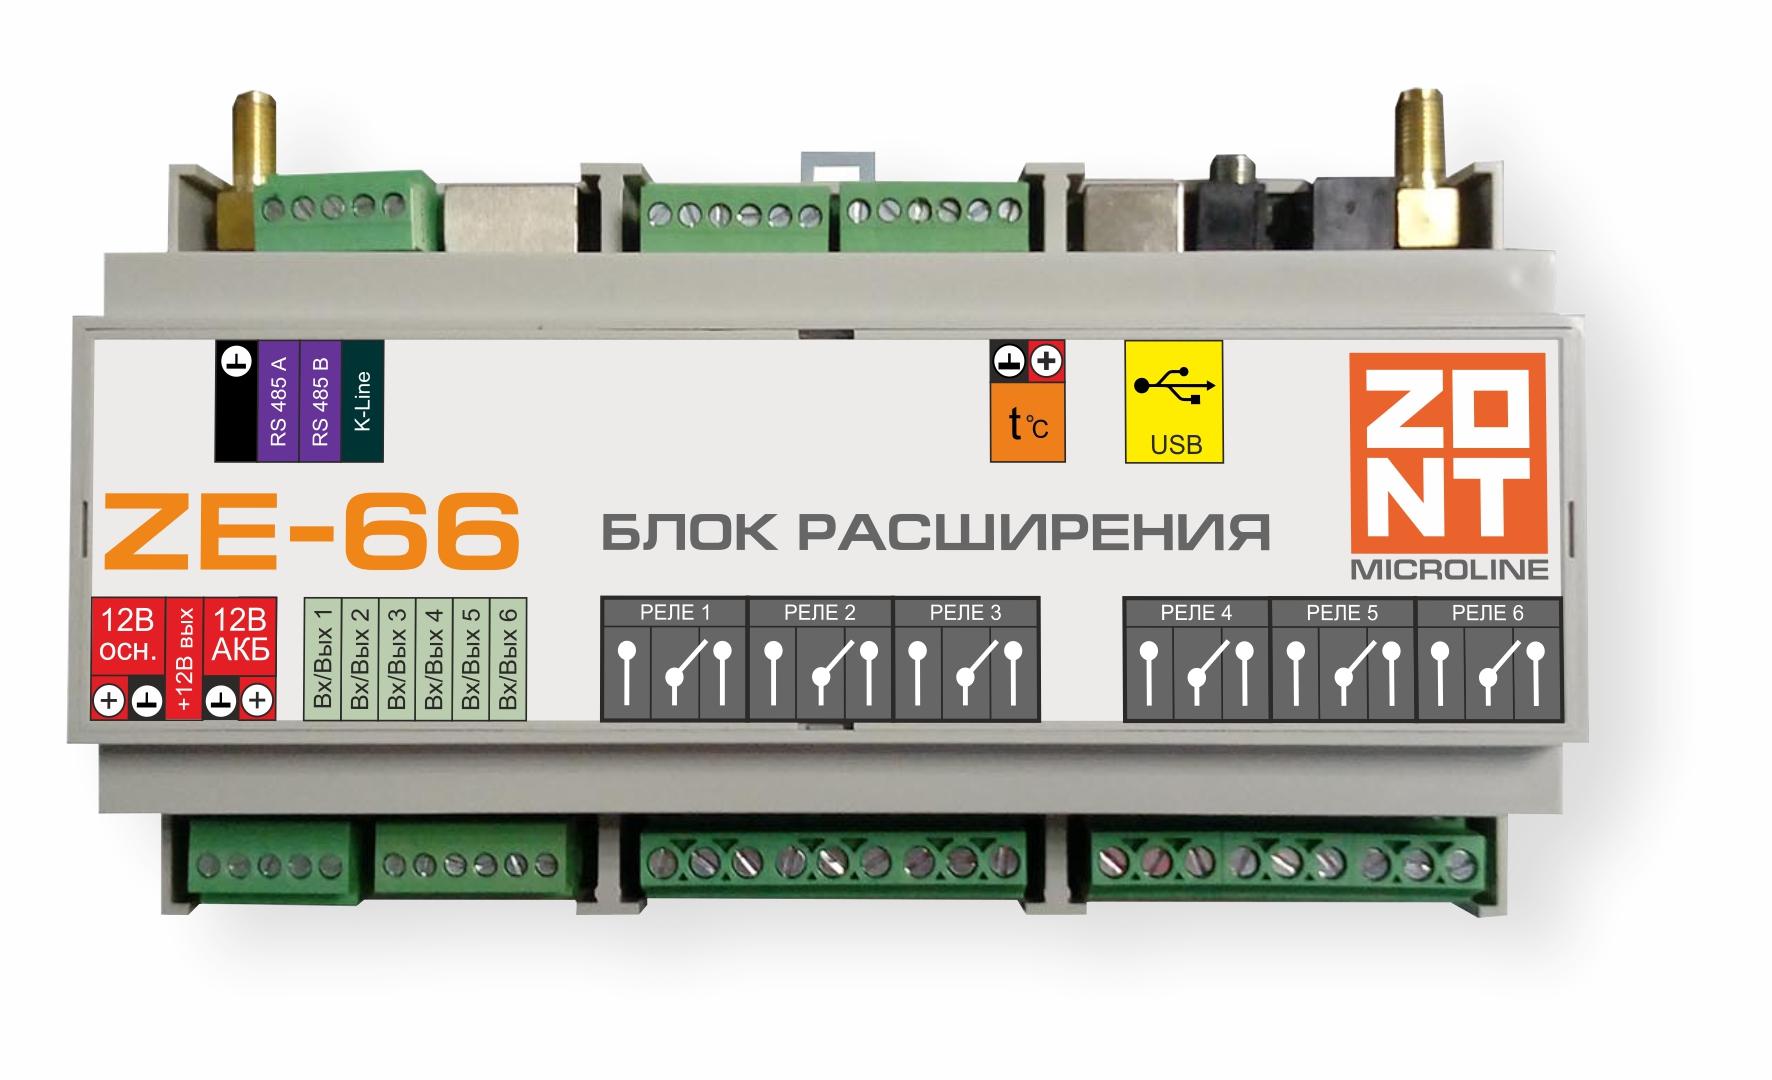 Модуль расширения ZE-66 для контроллера ZONT H-2000+ купить, цена, отзывы, характеристики, официальный магазин | Москва, Волоколамское шоссе, 103, тел. +7 (495) 208-00-68